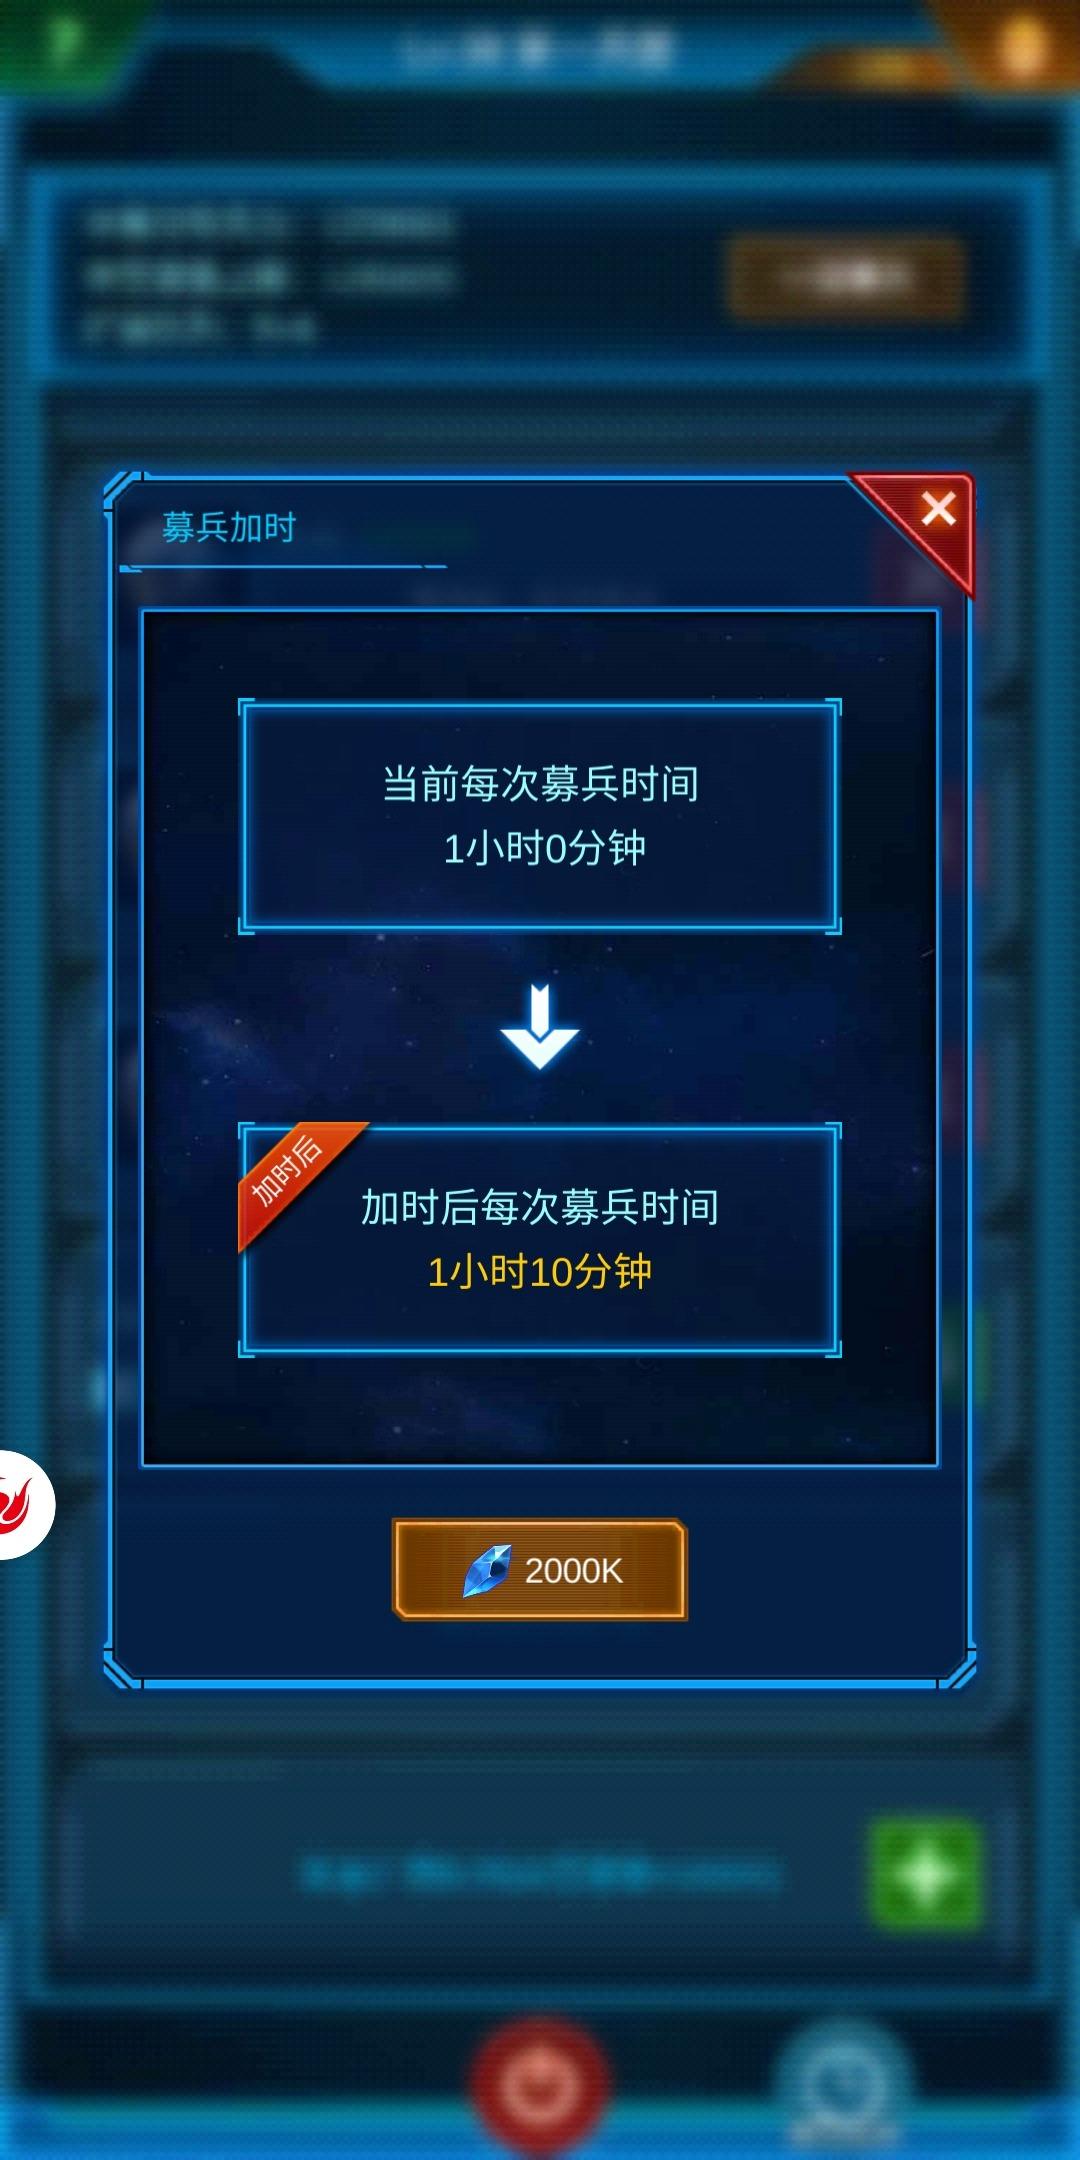 Screenshot_20200524_232824_com.yhzj.jedi.yueqiu.jpg